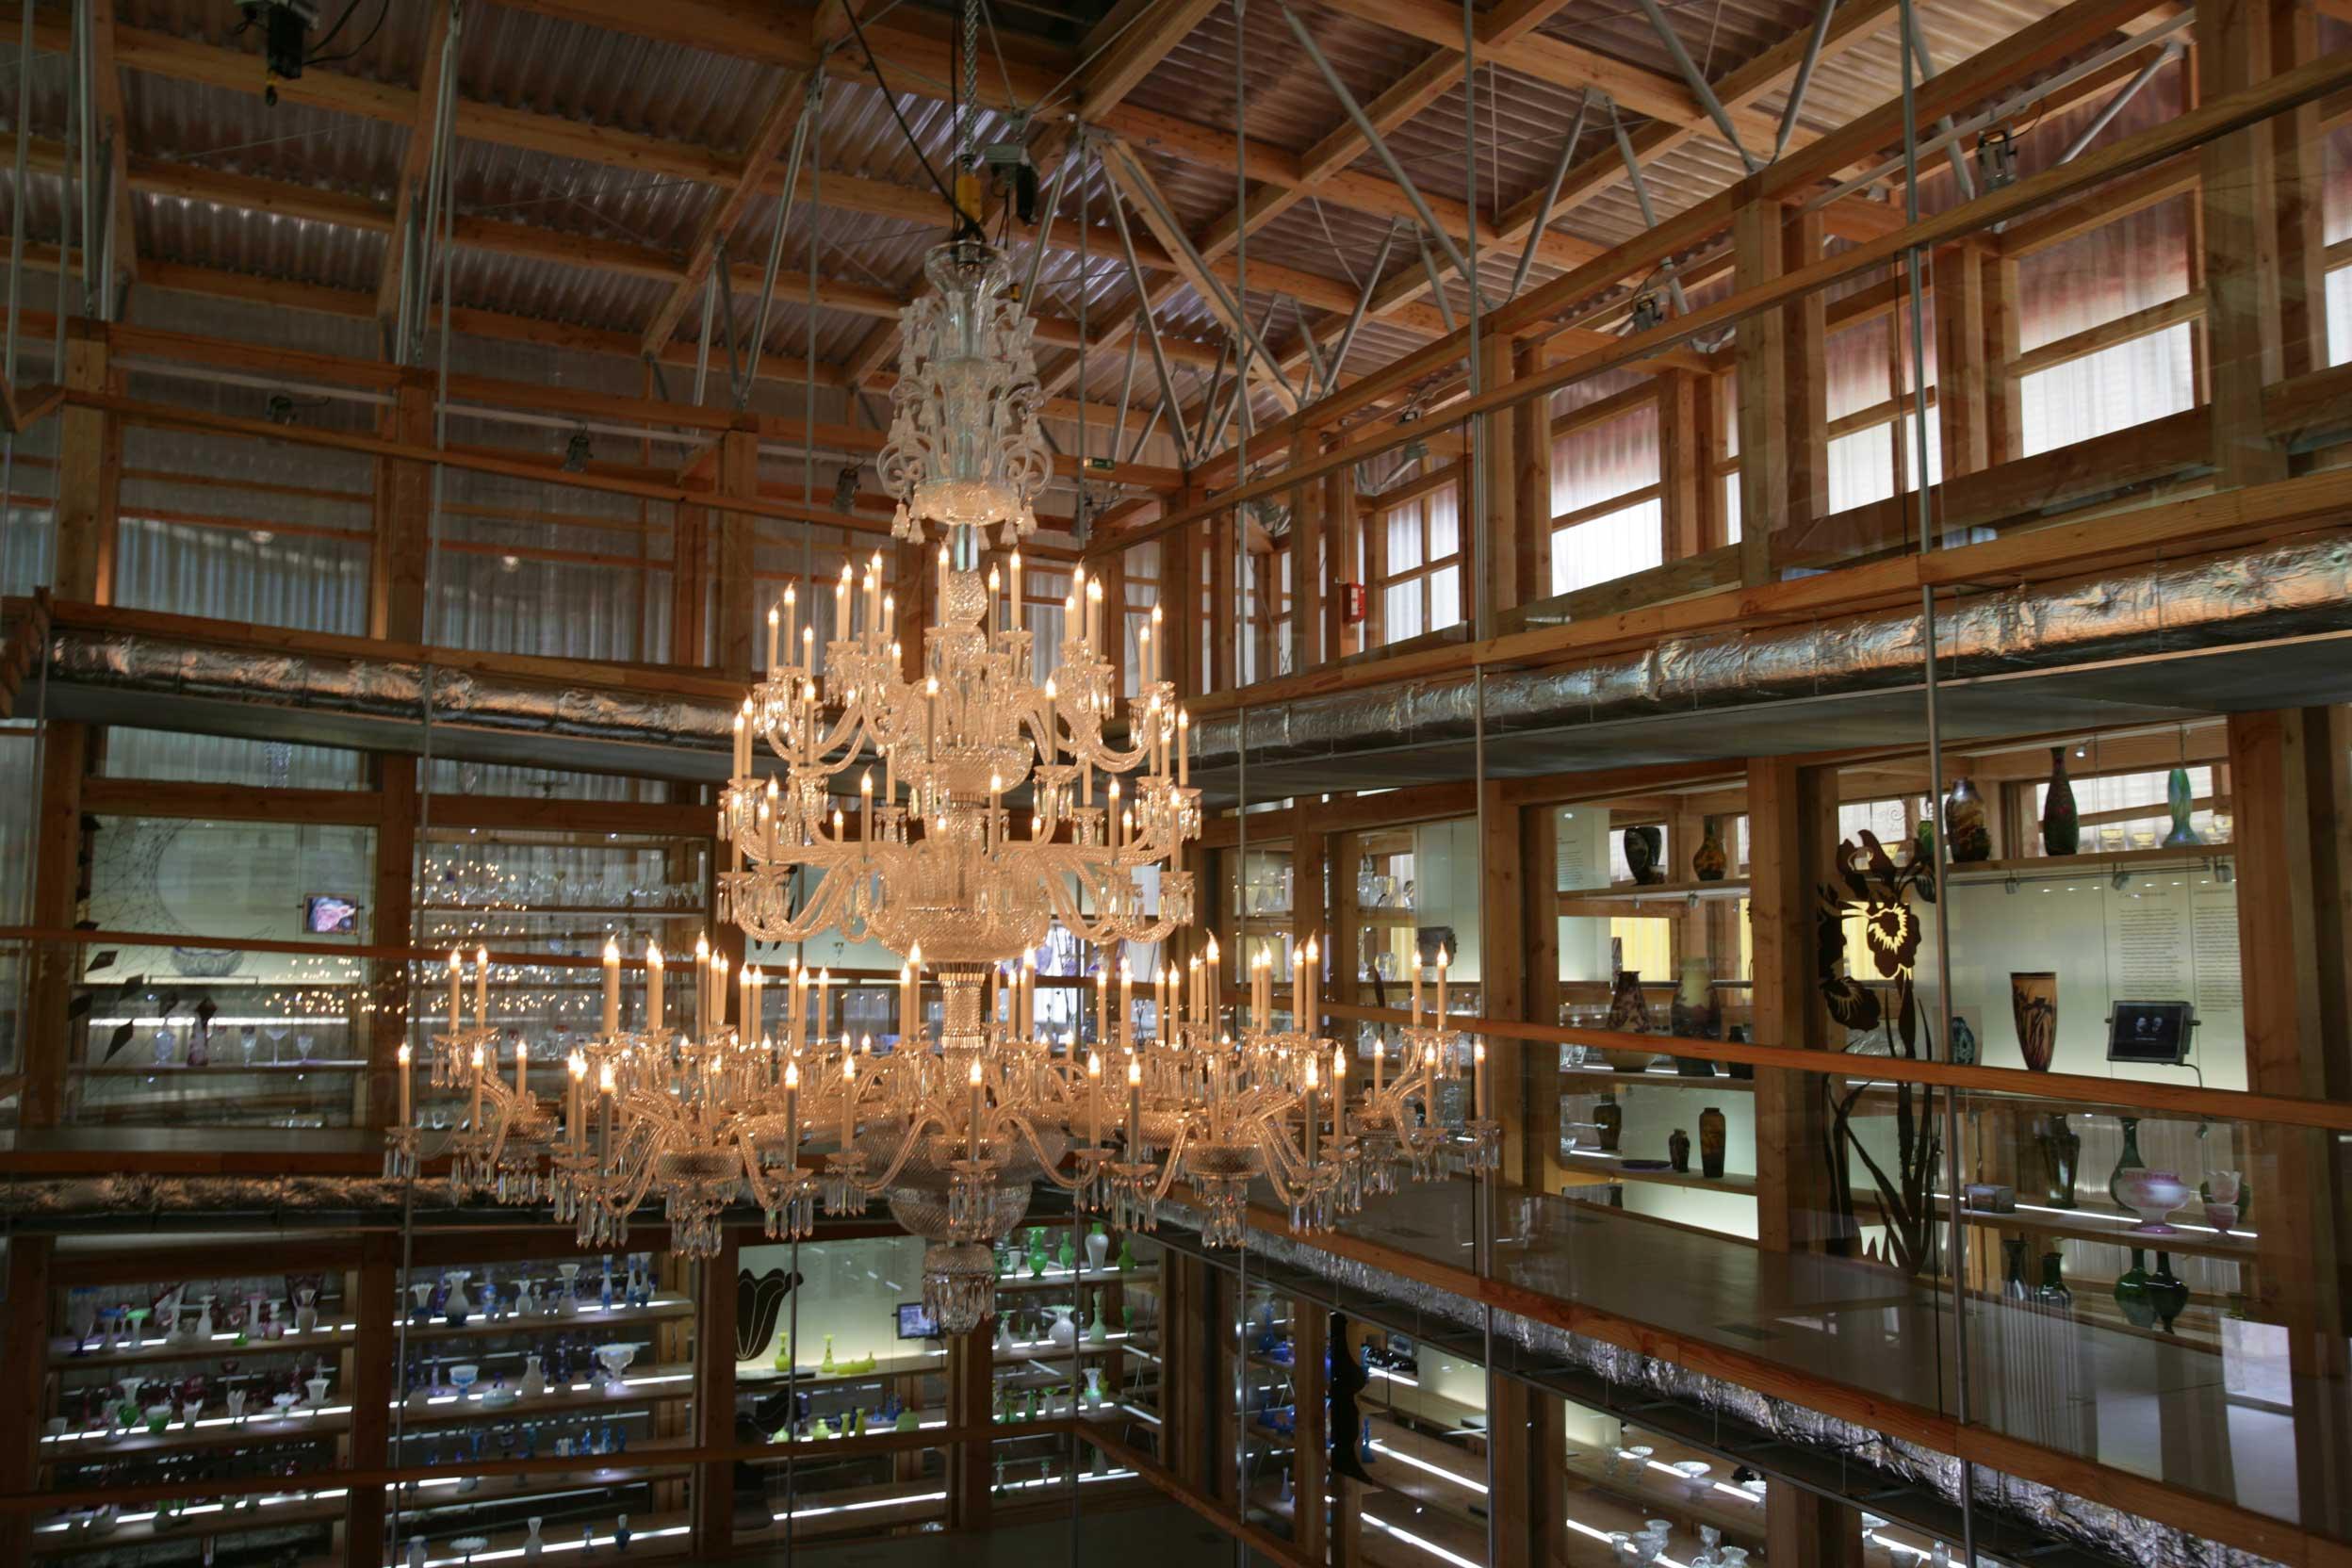 Intérieur de la cristaller Saint-Louis dans le Pays de Bitche